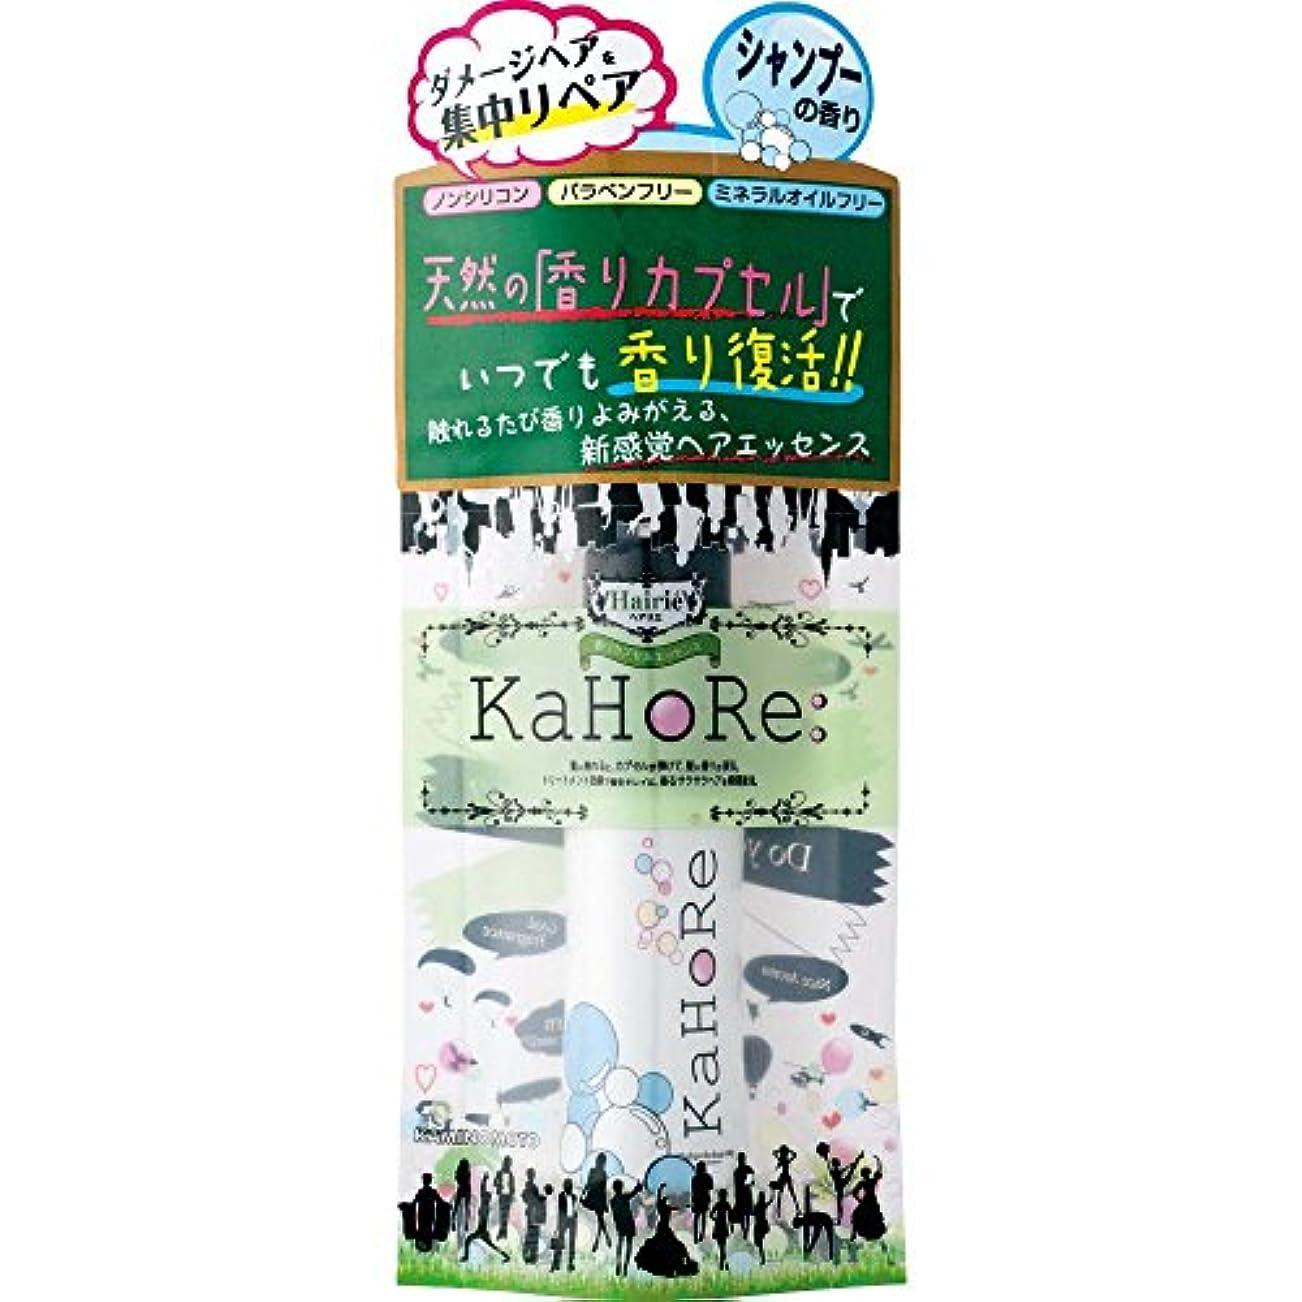 規則性パイルパイルヘアリエ KaHoRe ヘアエッセンス 洗いたてのシャンプーの香り 30g